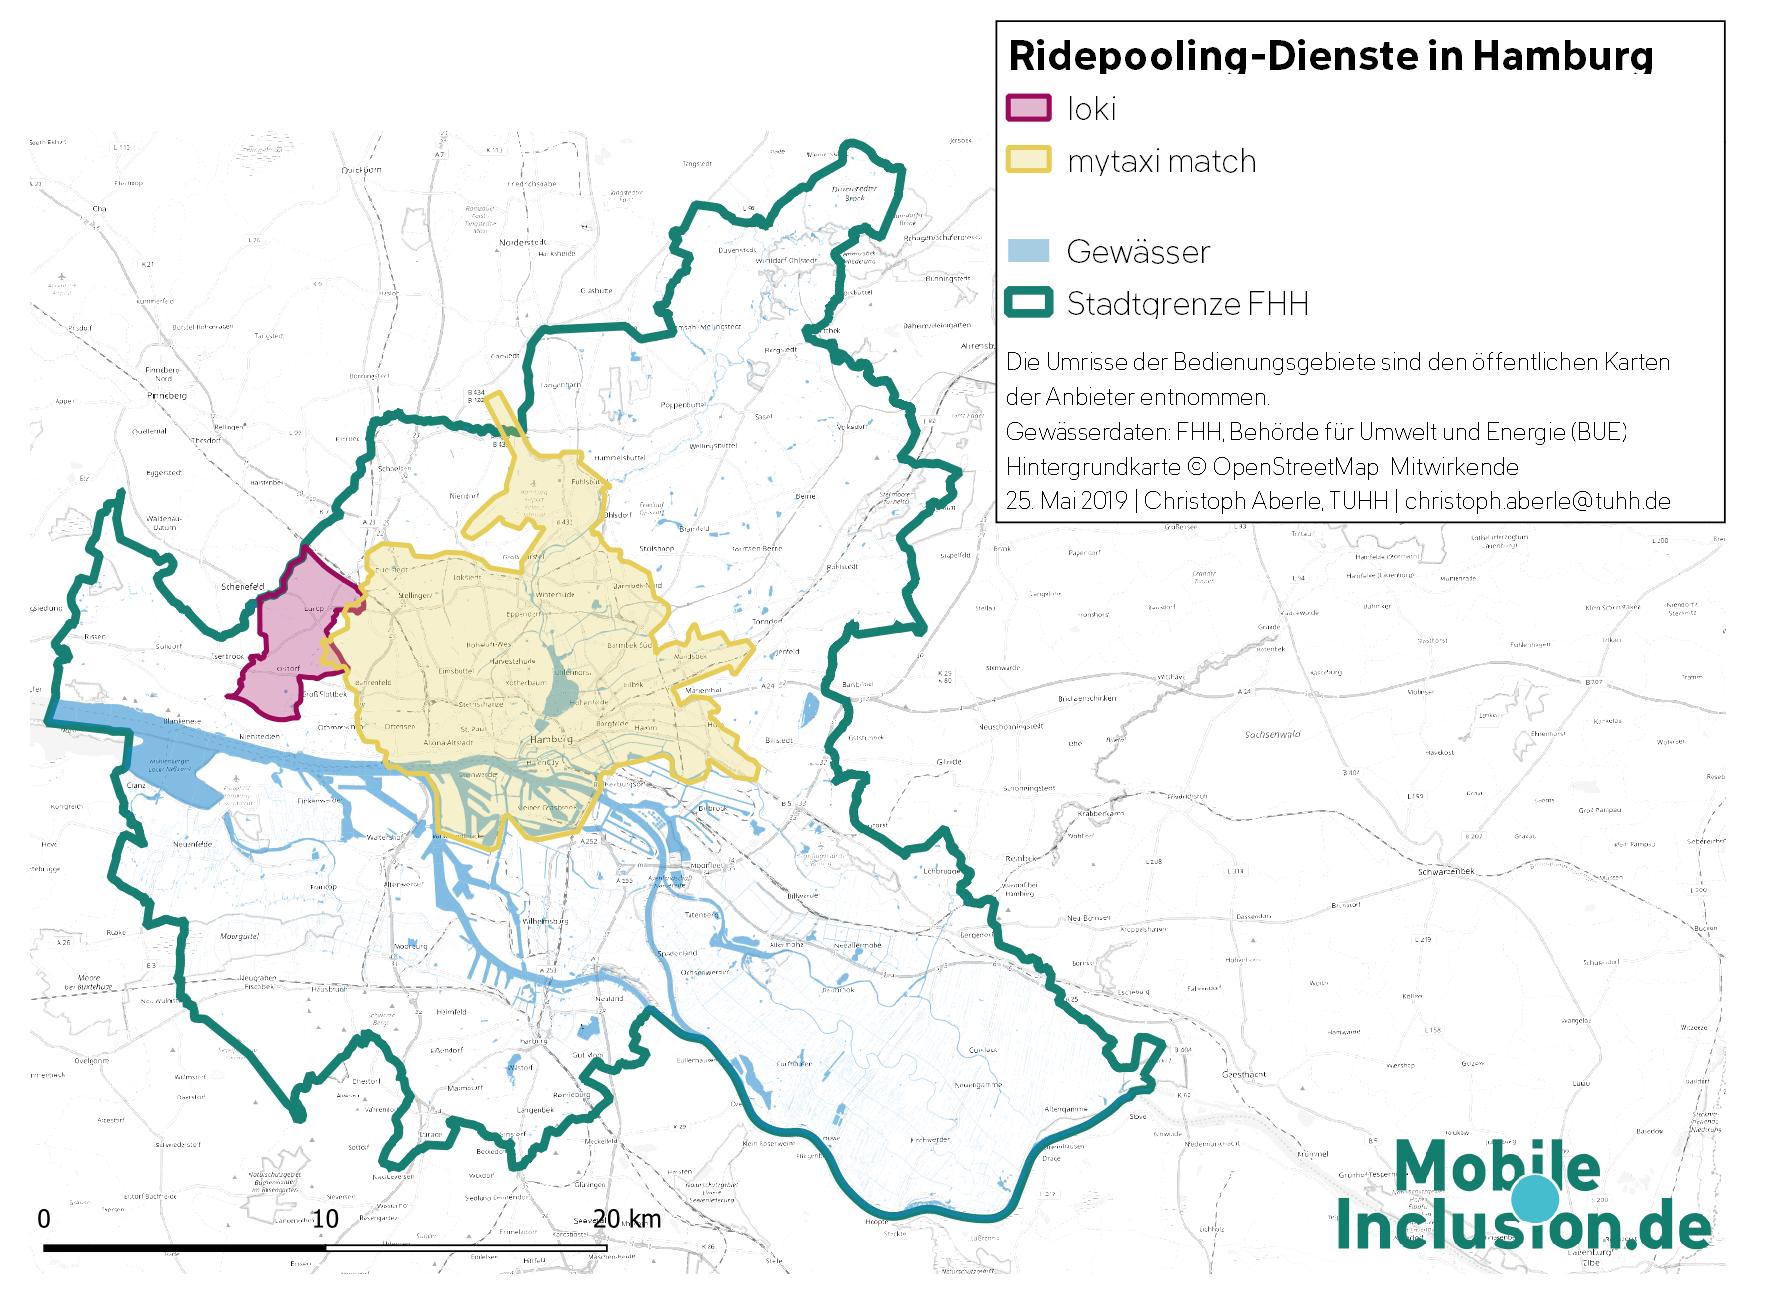 Karte, die Ridepooling-Angebote in Hamburg zeigt: Bedienungsgebiete von Ioki und mytaxi match